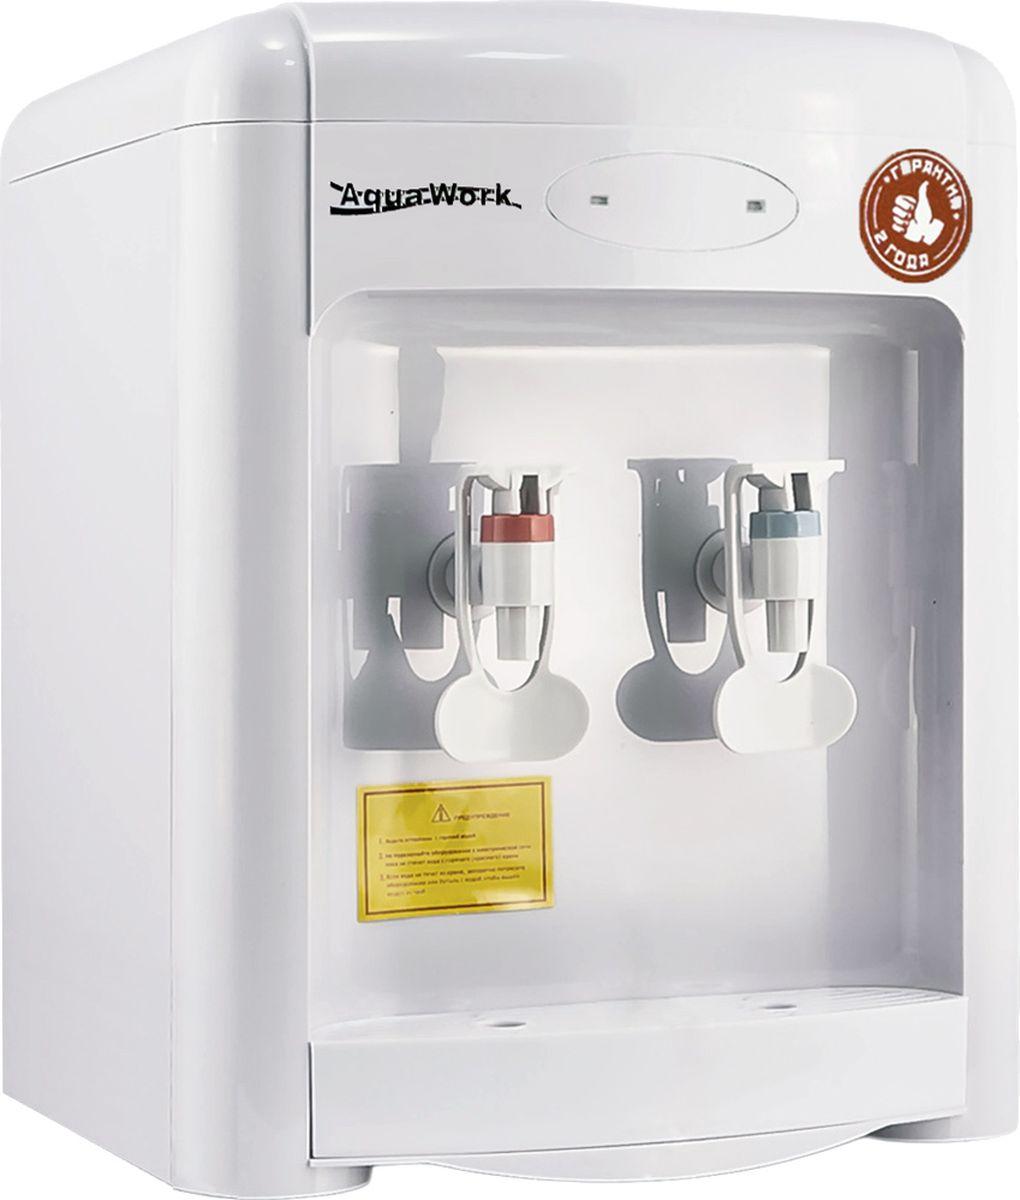 Aqua Work 36TDN, White кулер для воды10198Настольный кулер Aqua Work 36TDN с нагревом и с электронной системой охлаждения воды - отличная замена электрическому чайнику для бутилированной воды дома и на работе. Бак нагрева мощностью 700 Вт обеспечивает подачу не менее 7 литров горячей воды в час с температурой не менее 90°С. Aqua Work 36TDN успевает охладить за час 4-5 стаканов воды на 12-15 °С ниже температуры окружающей среды. Рассчитан на работу с 12, 19 и 23-литровыми бутылками.